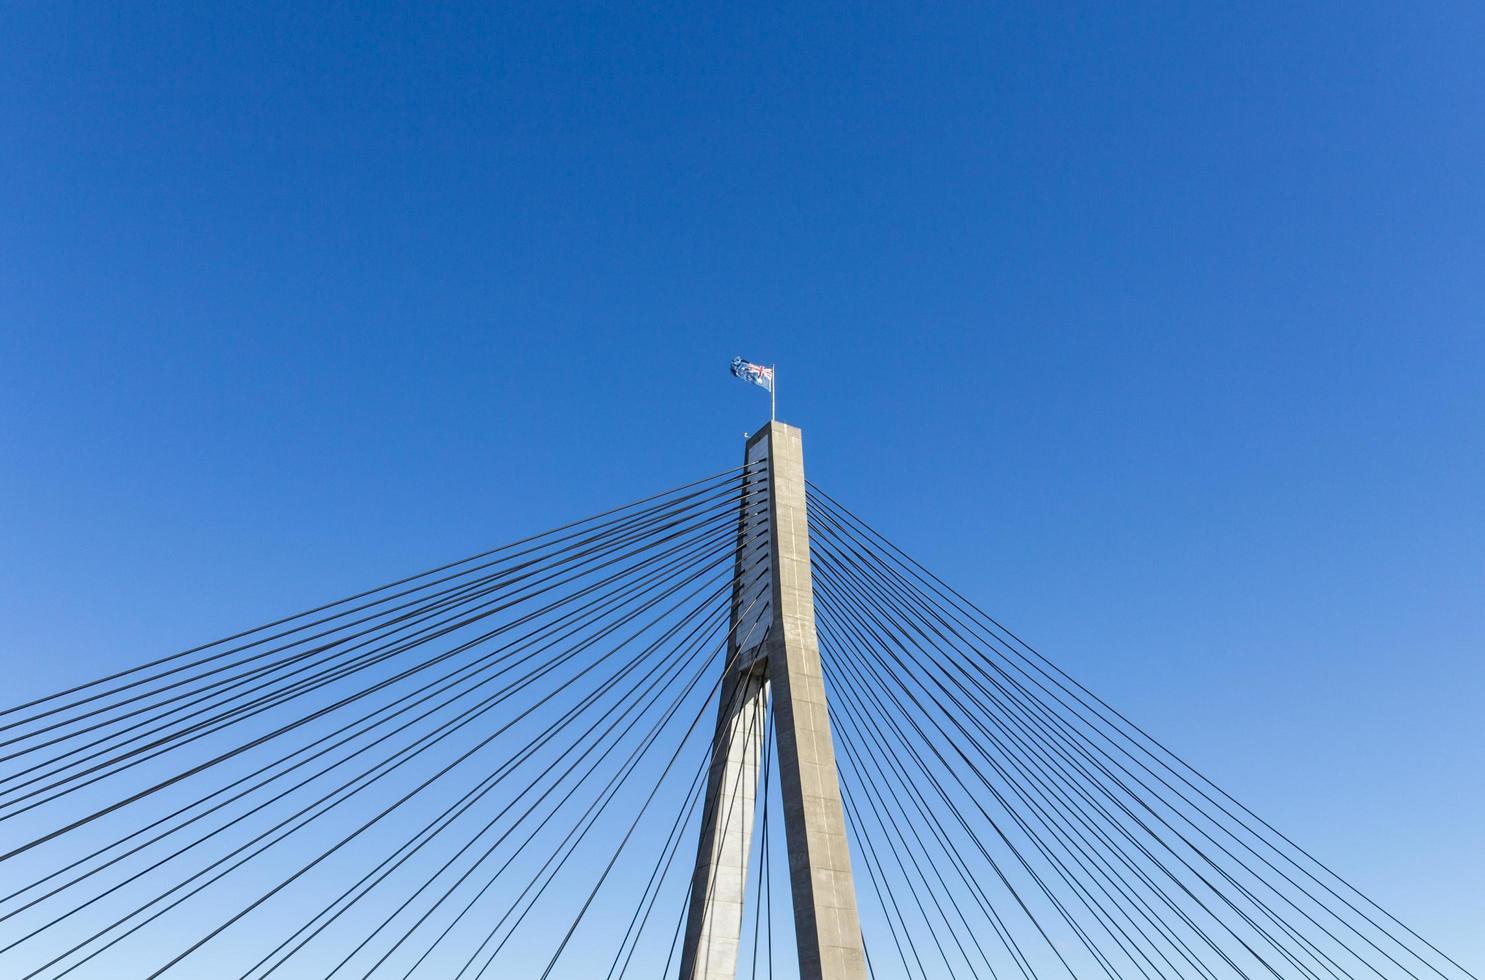 Spitze der Brücke mit australischer Flagge foto